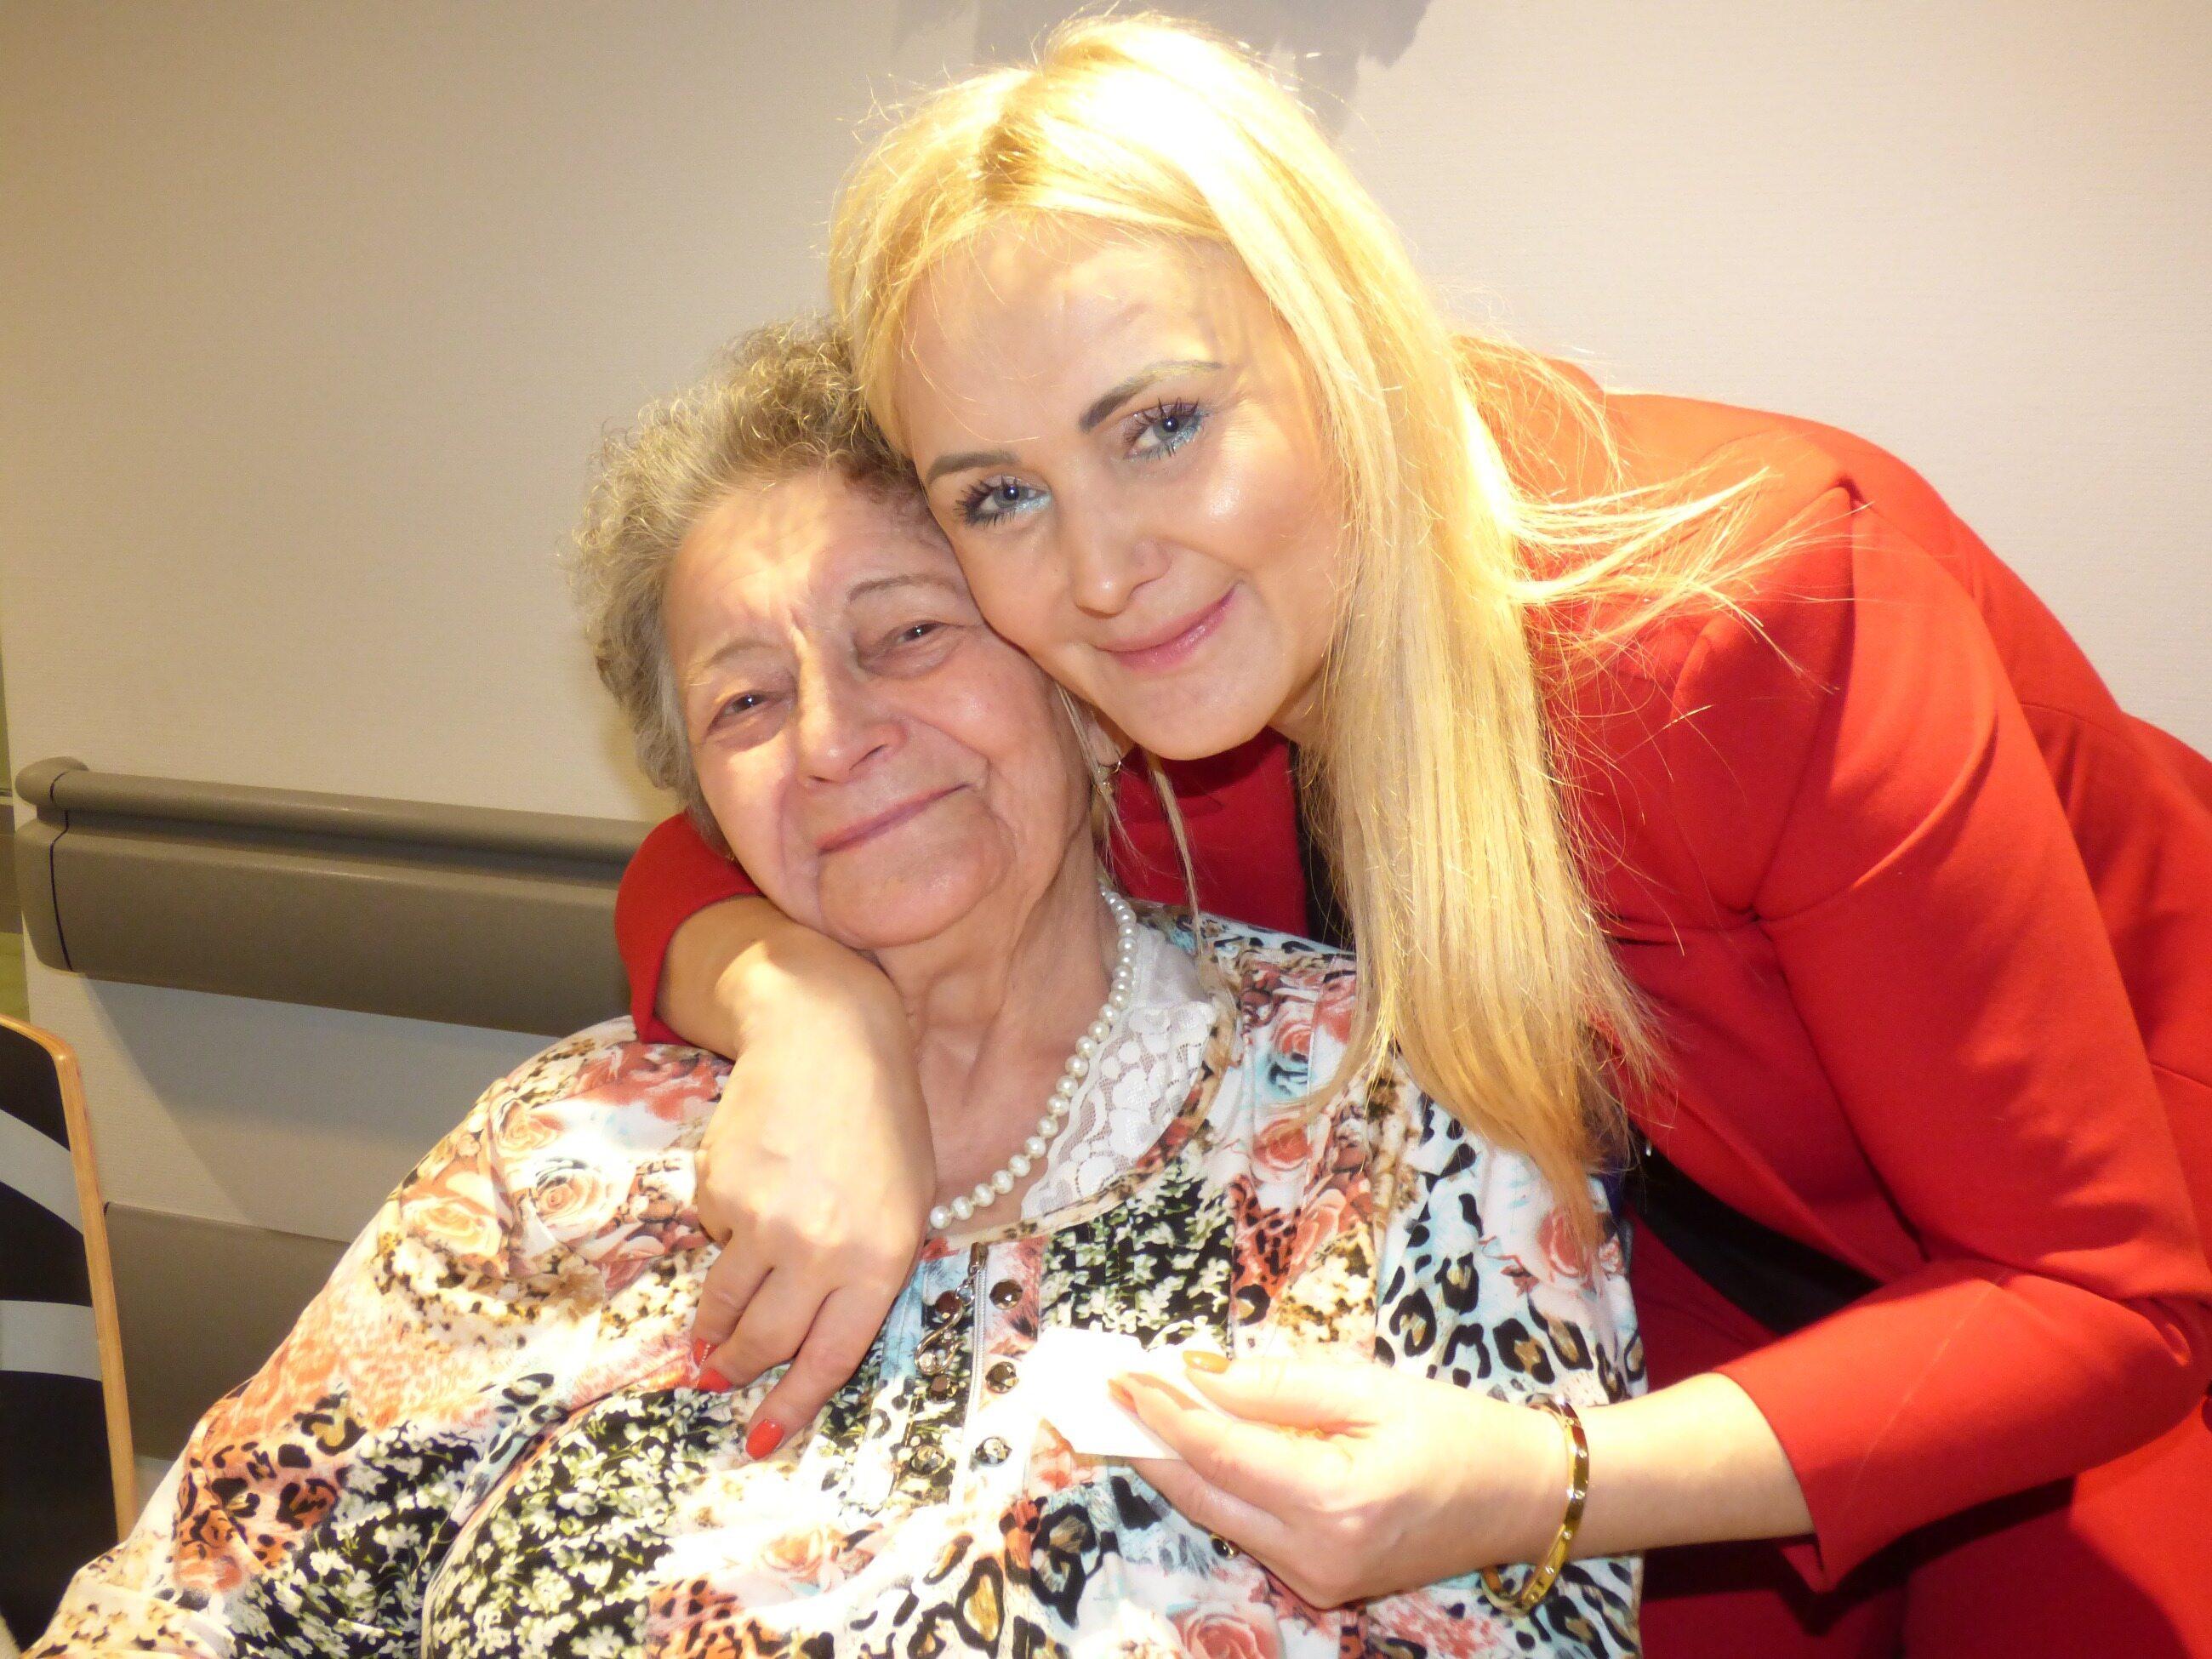 Beata Drzazga, założycielka BetaMed SA, największej w Polsce placówki zajmującej się m.in. opieką długoterminową